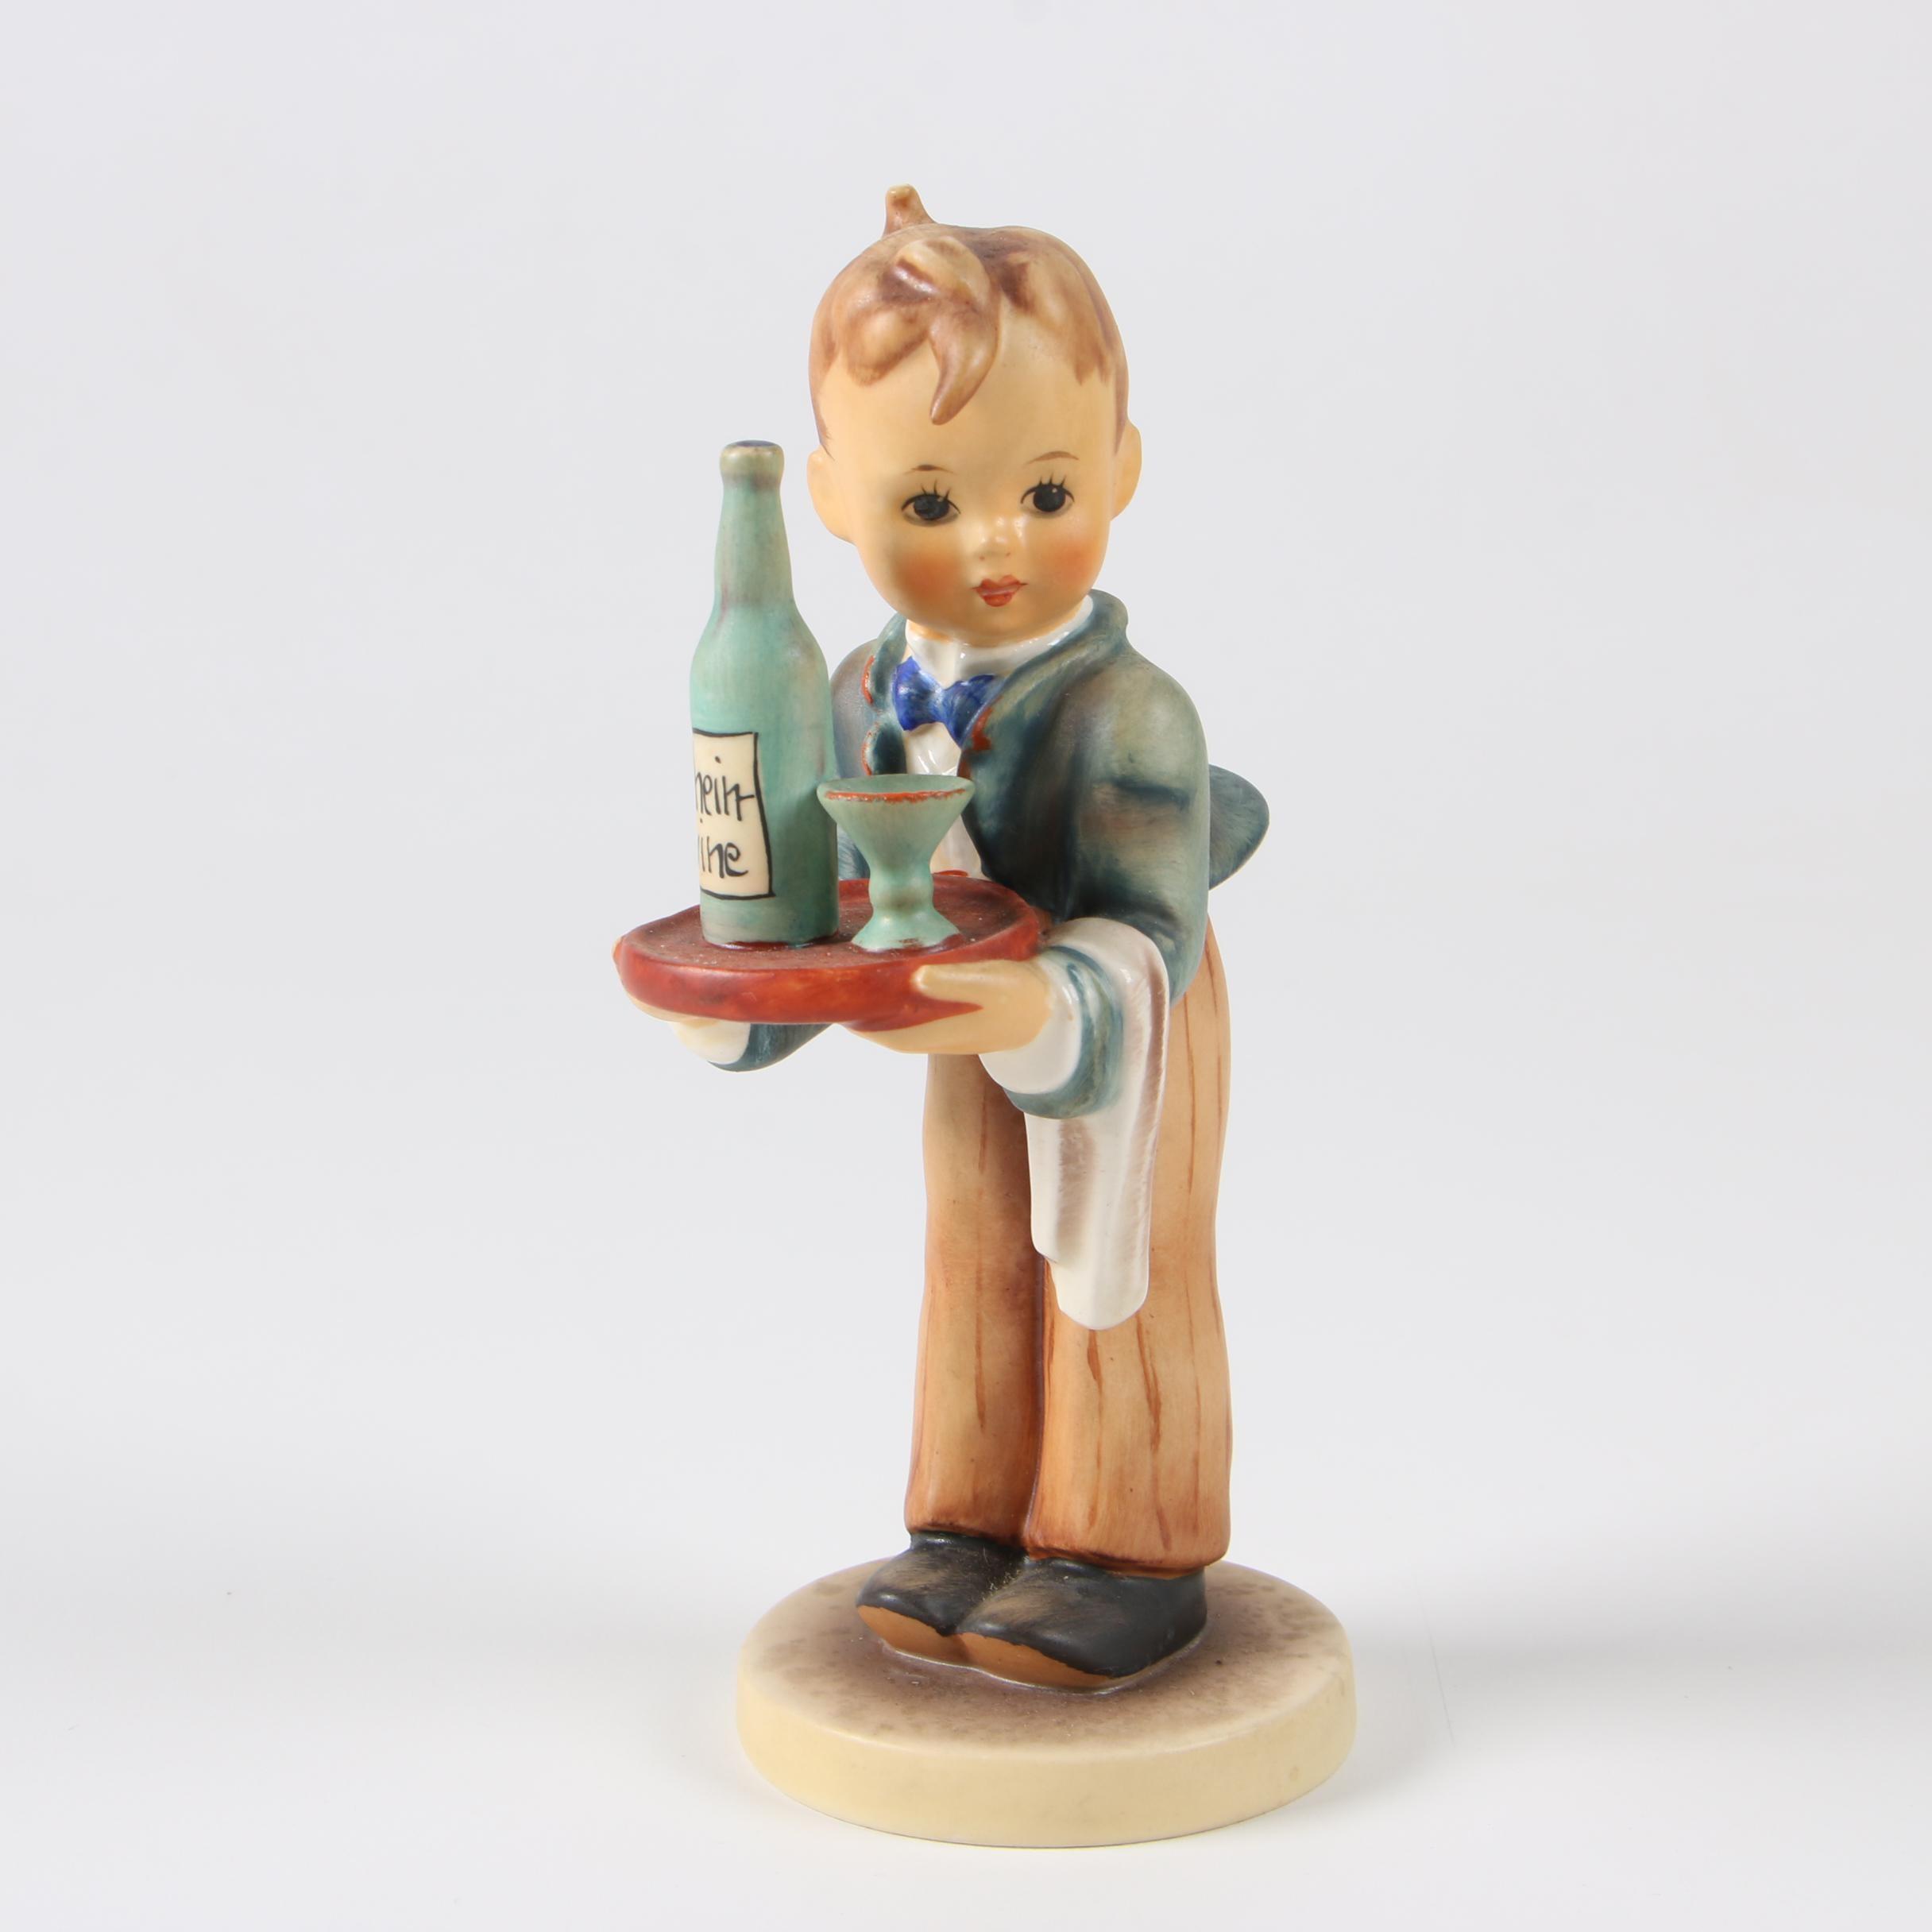 """Hummel Goebel """"Waiter"""" Porcelain Figurine, 1972–1979"""